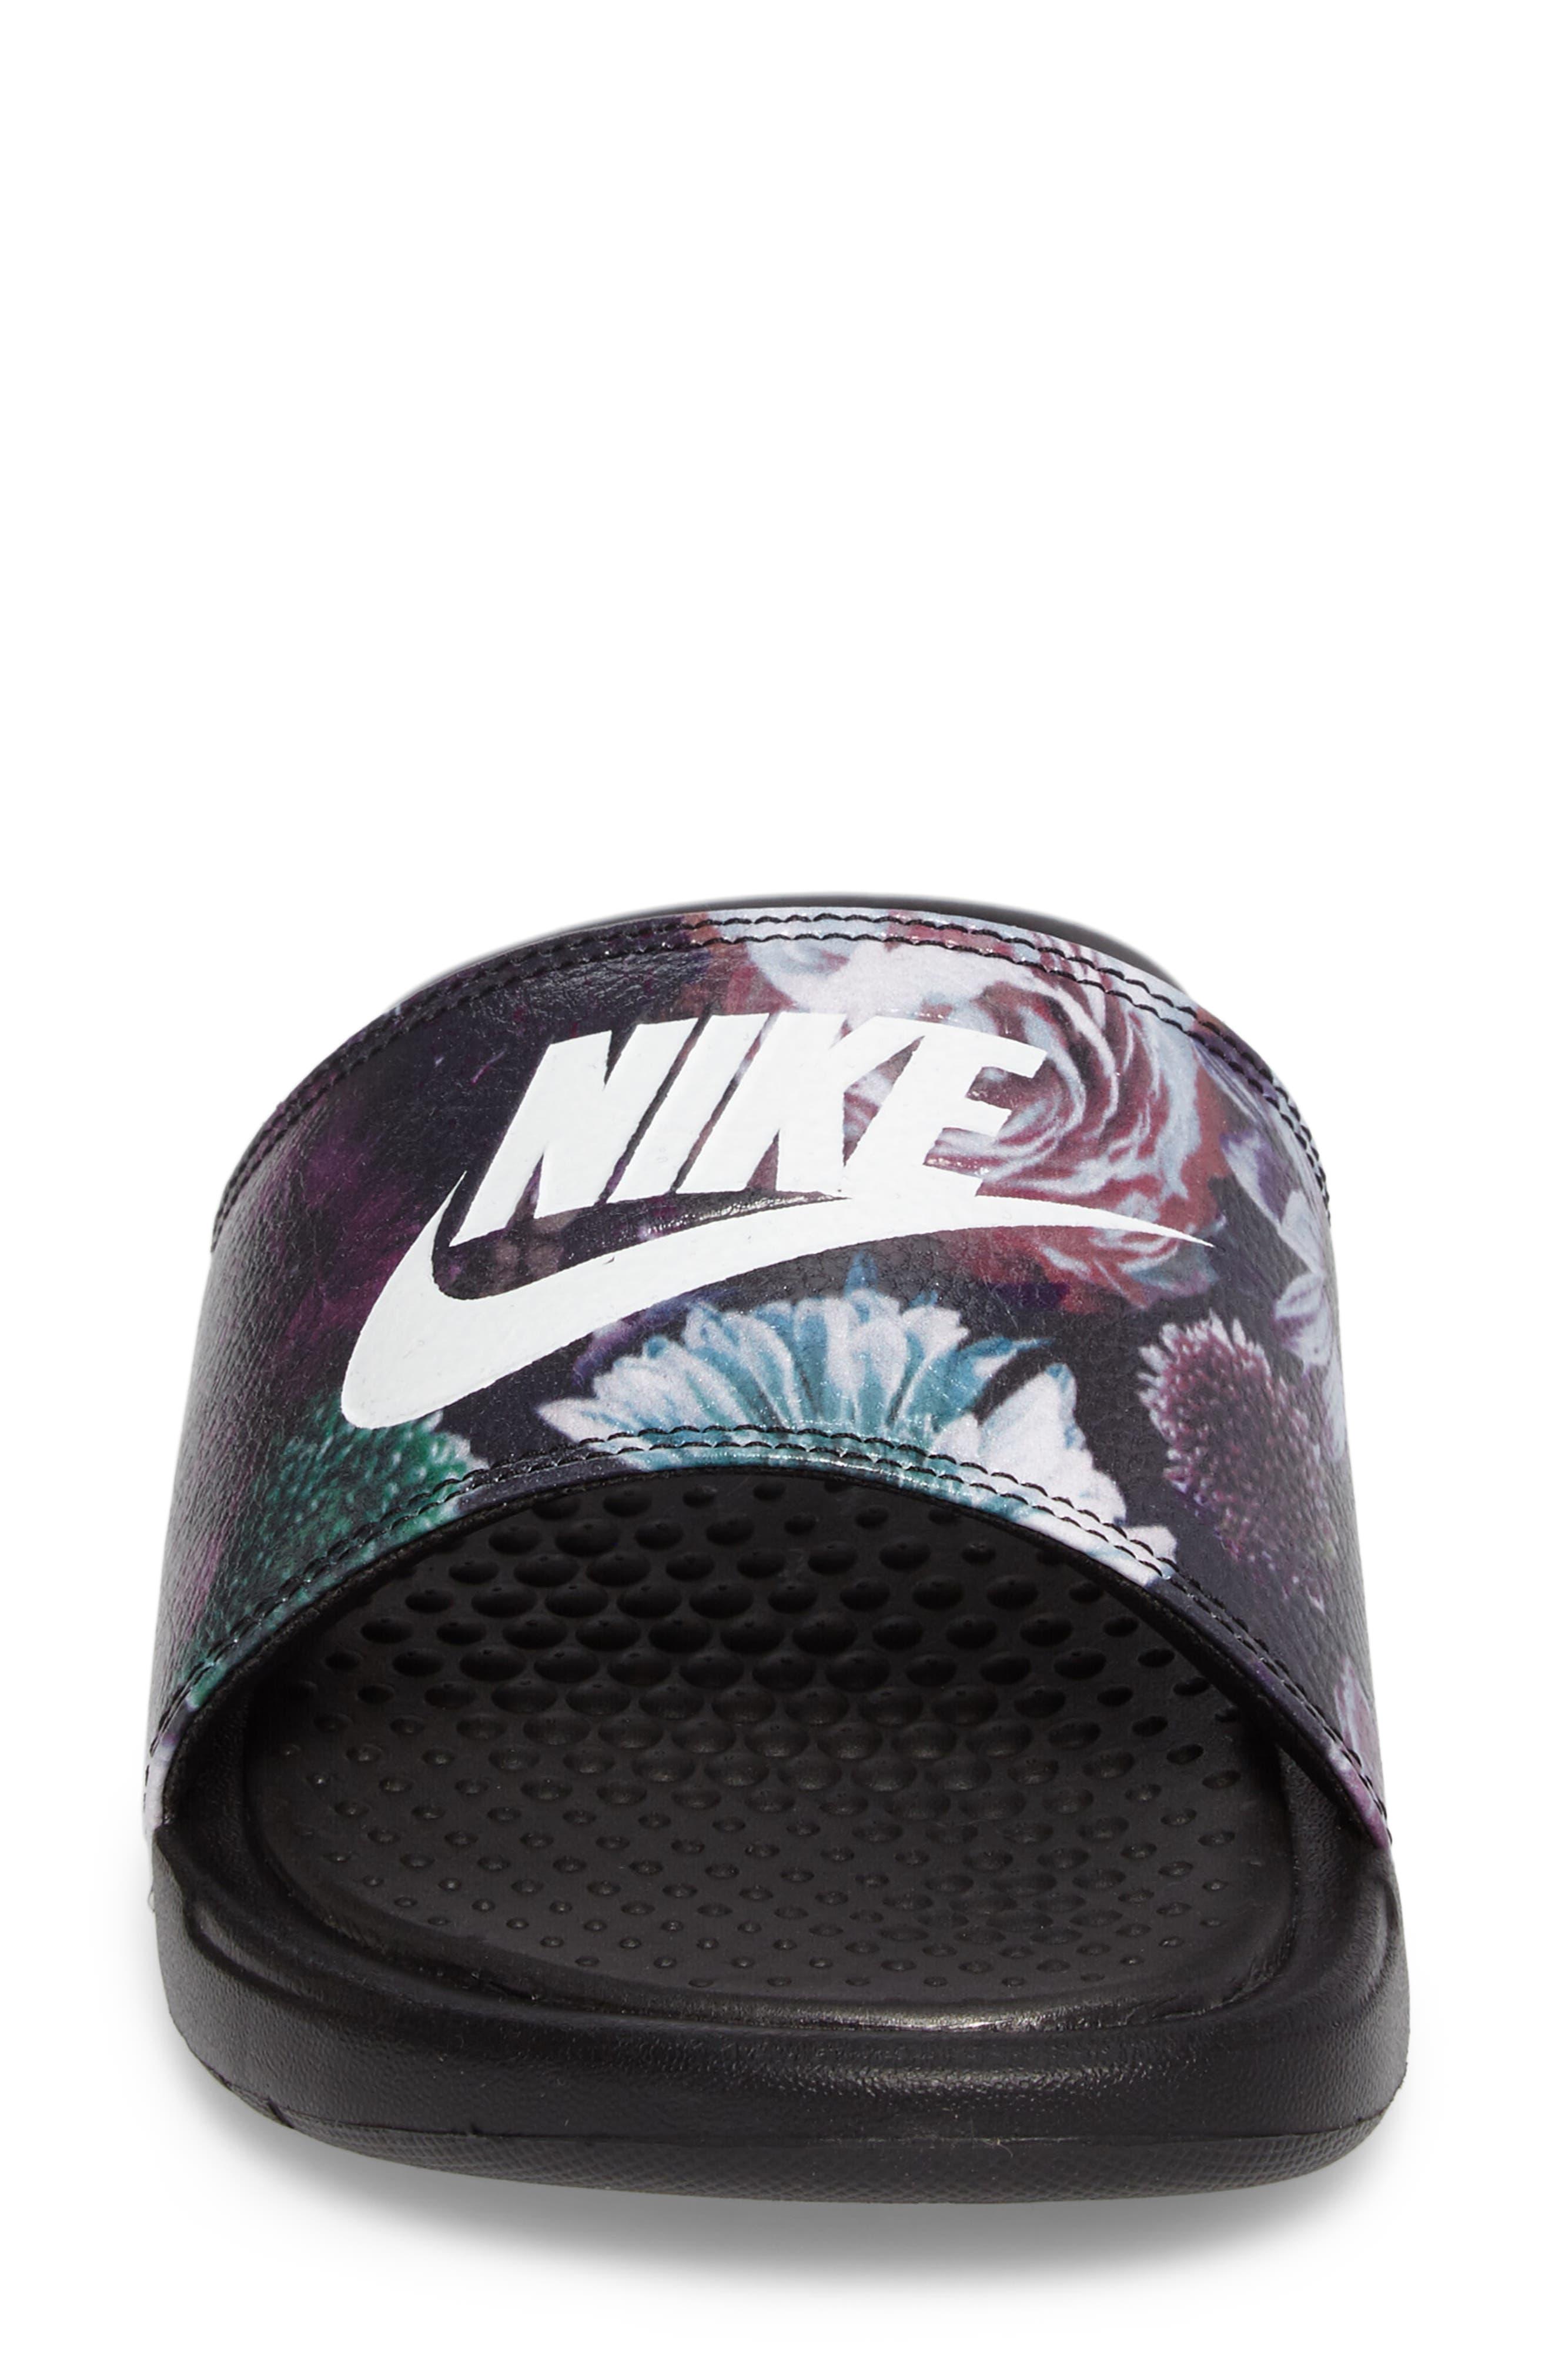 Alternate Image 4  - Nike 'Benassi Just Do It Ultra Premium' Slide Sandal (Women)